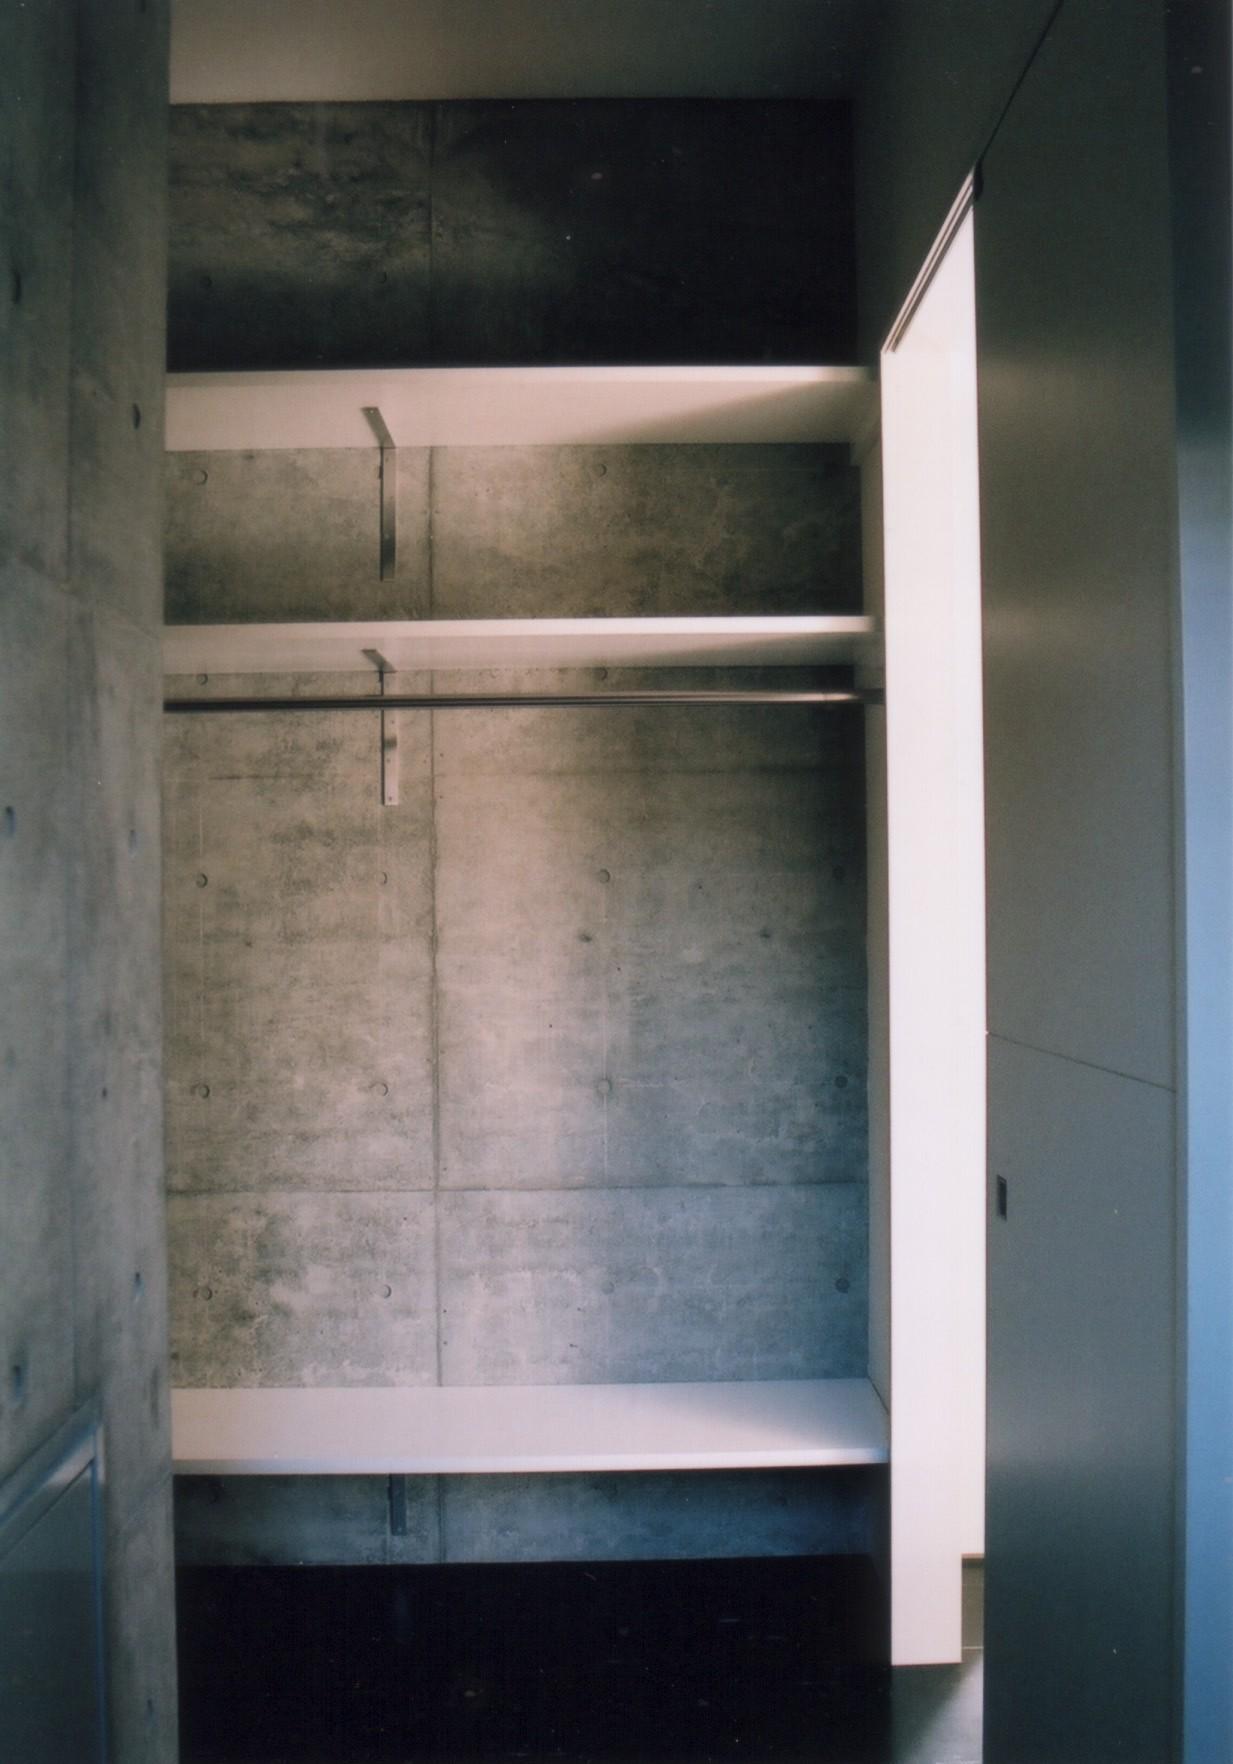 収納事例:納戸(川の側の家〜おおきな開口と段差のある空間〜)